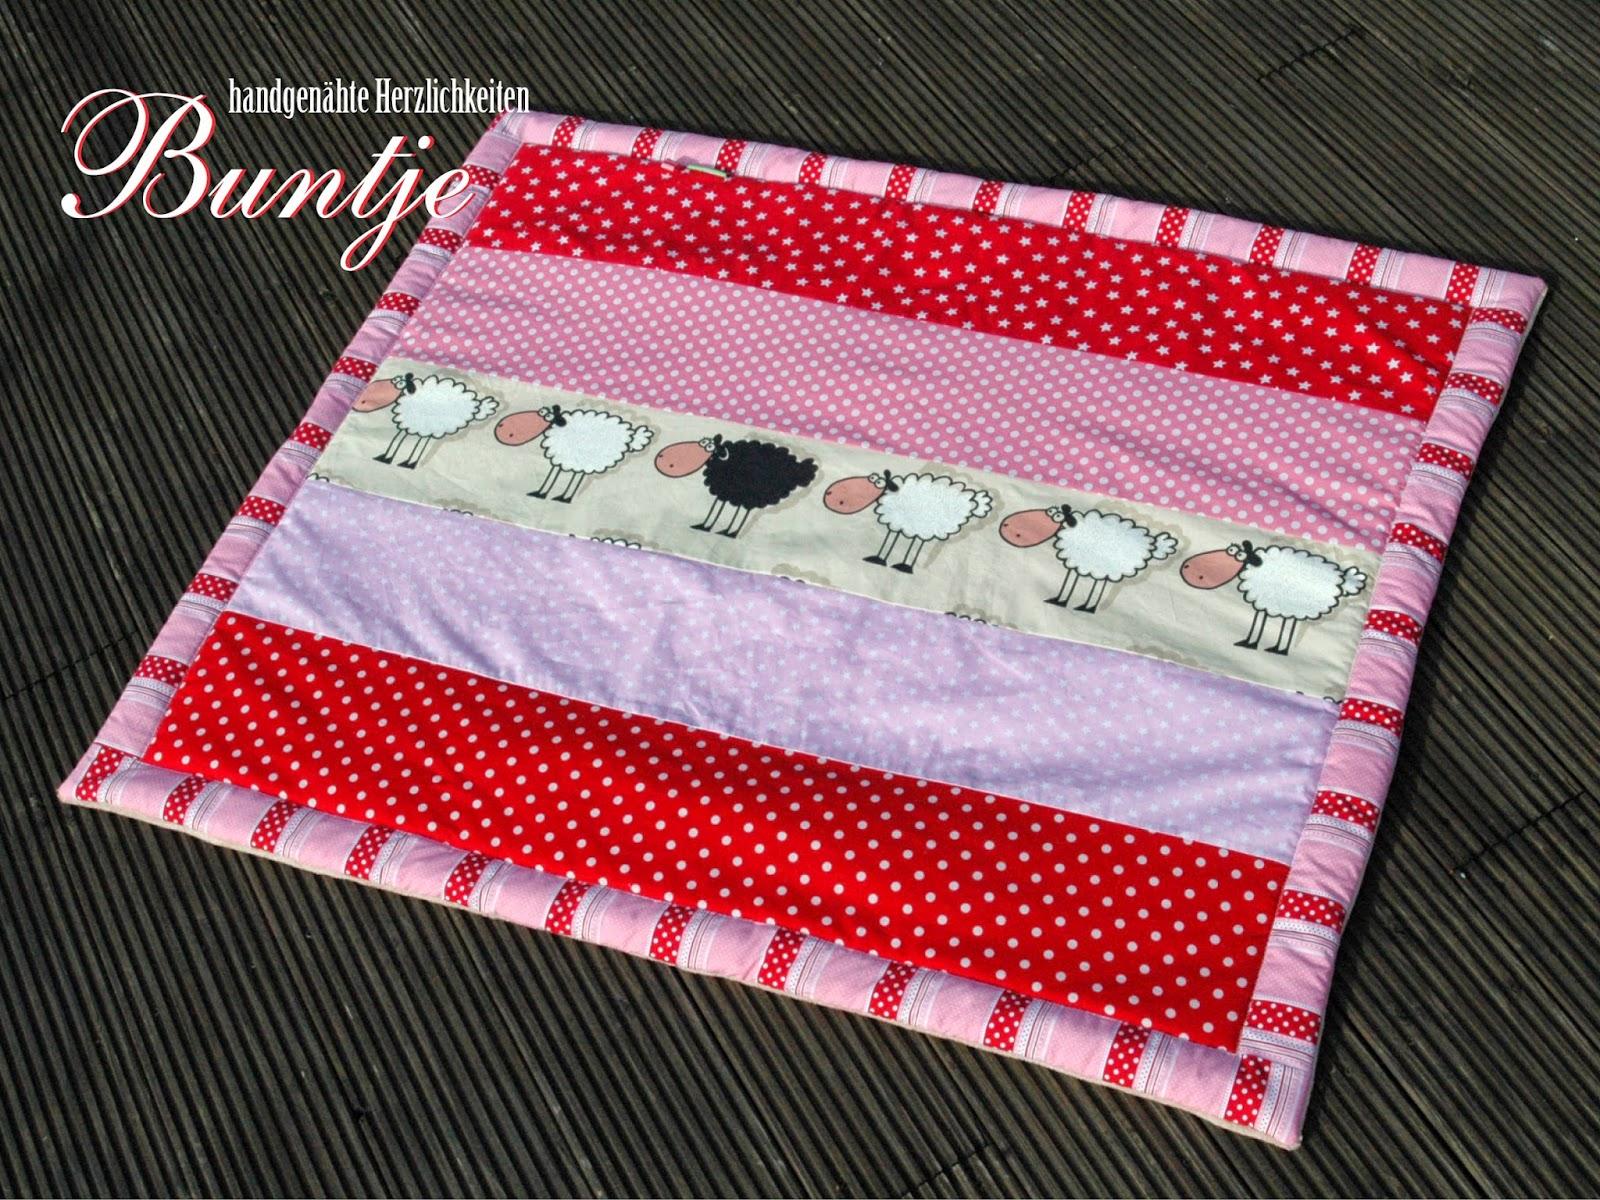 Krabbeldecke Zwillinge Mädchen Decke Baby Geschenk Geburt Taufe rosa rot Schafe Tiere Baumwolle nähen handmade Buntje